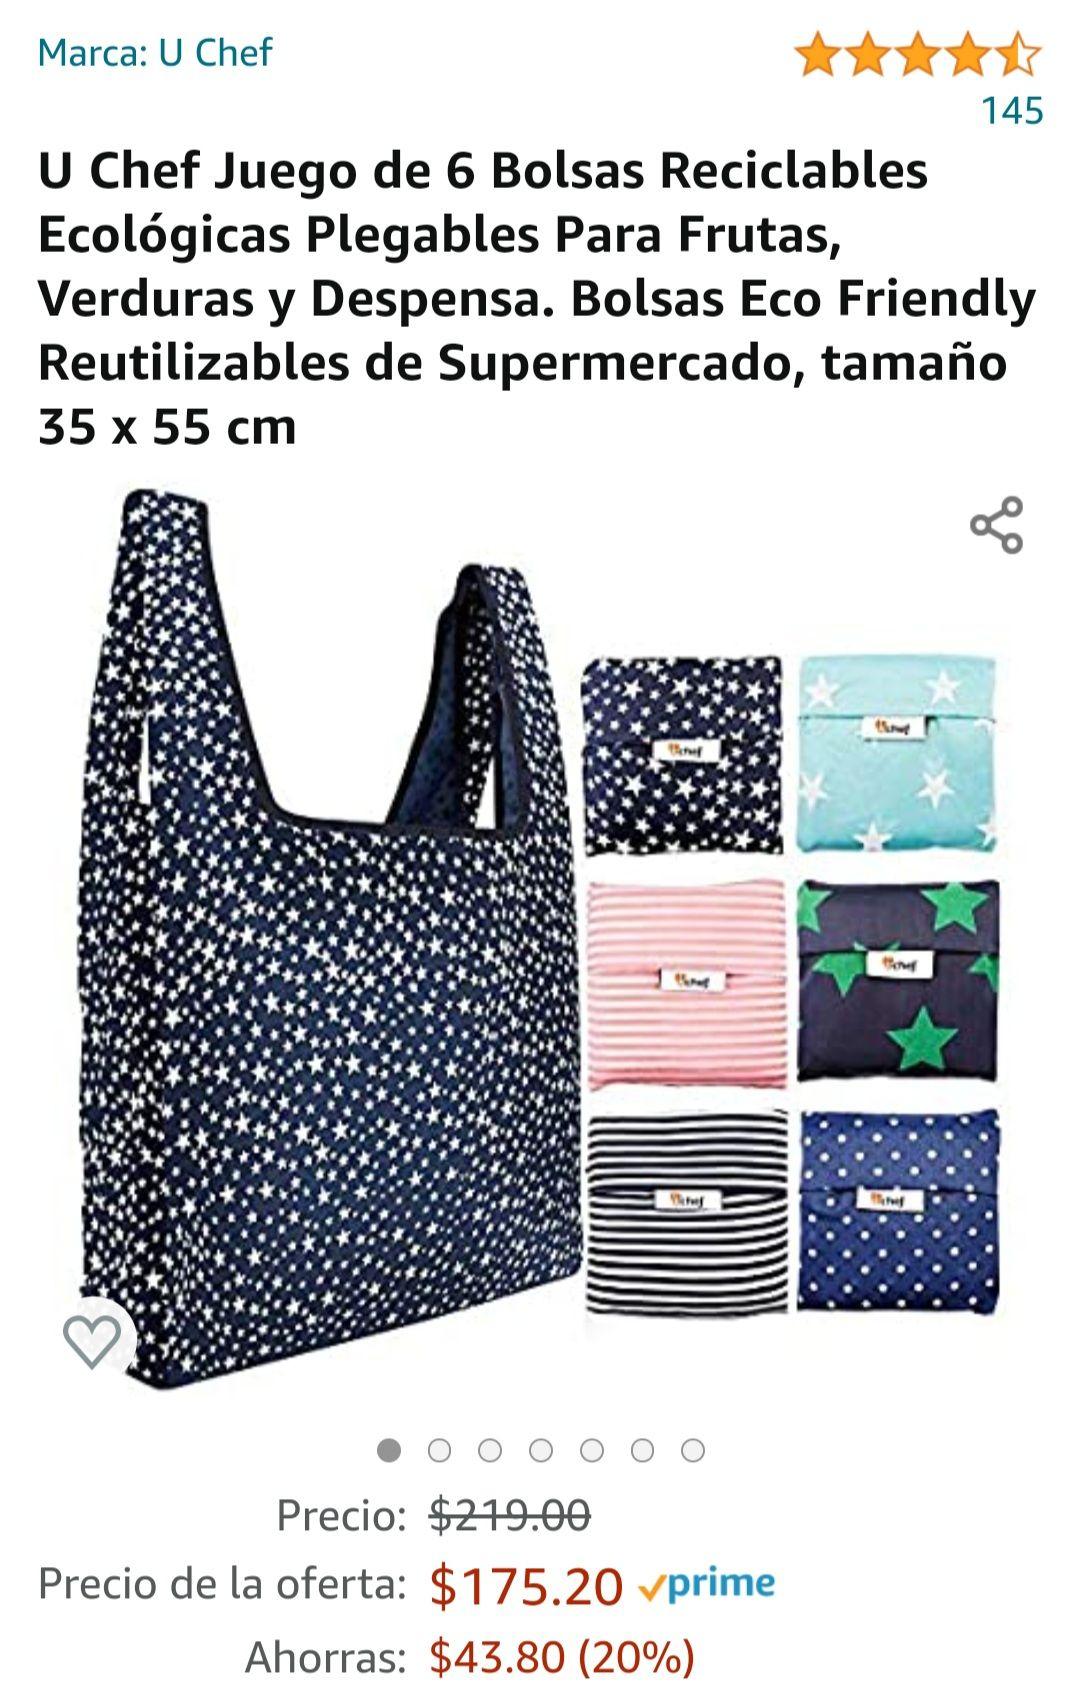 Amazon: U Chef 4.5 de 5 estrellas145Opiniones U Chef Juego de 6 Bolsas Reciclables Ecológicas Plegables Para Compras Supermercado